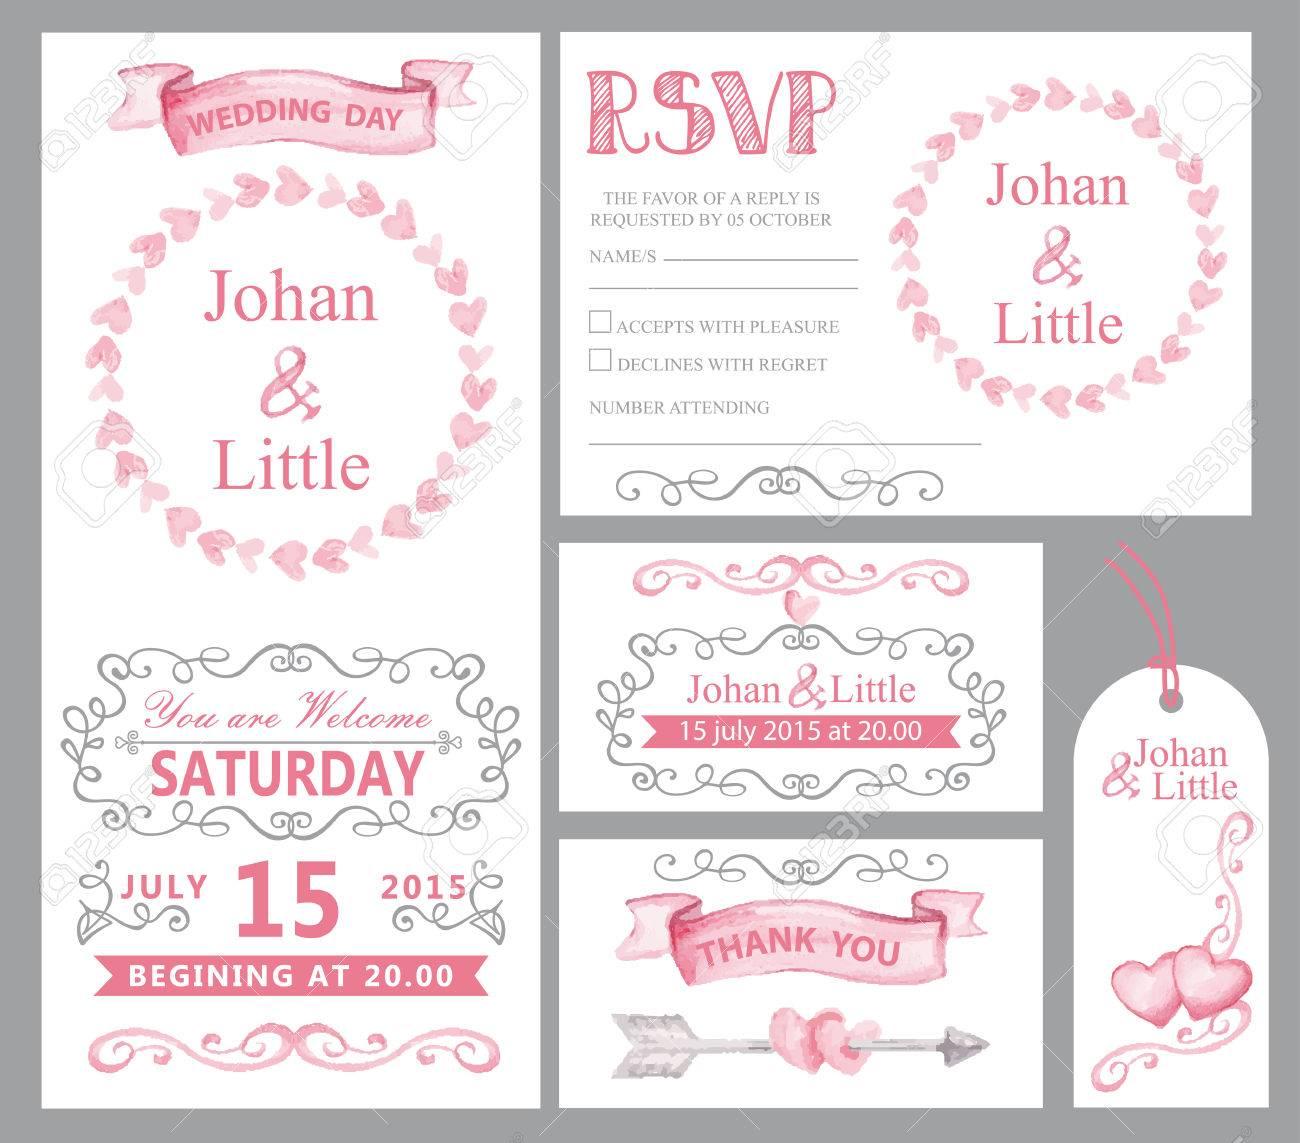 Watercolor Wedding Invitation Card Set.Pink Hearts,ribbons,grey ...